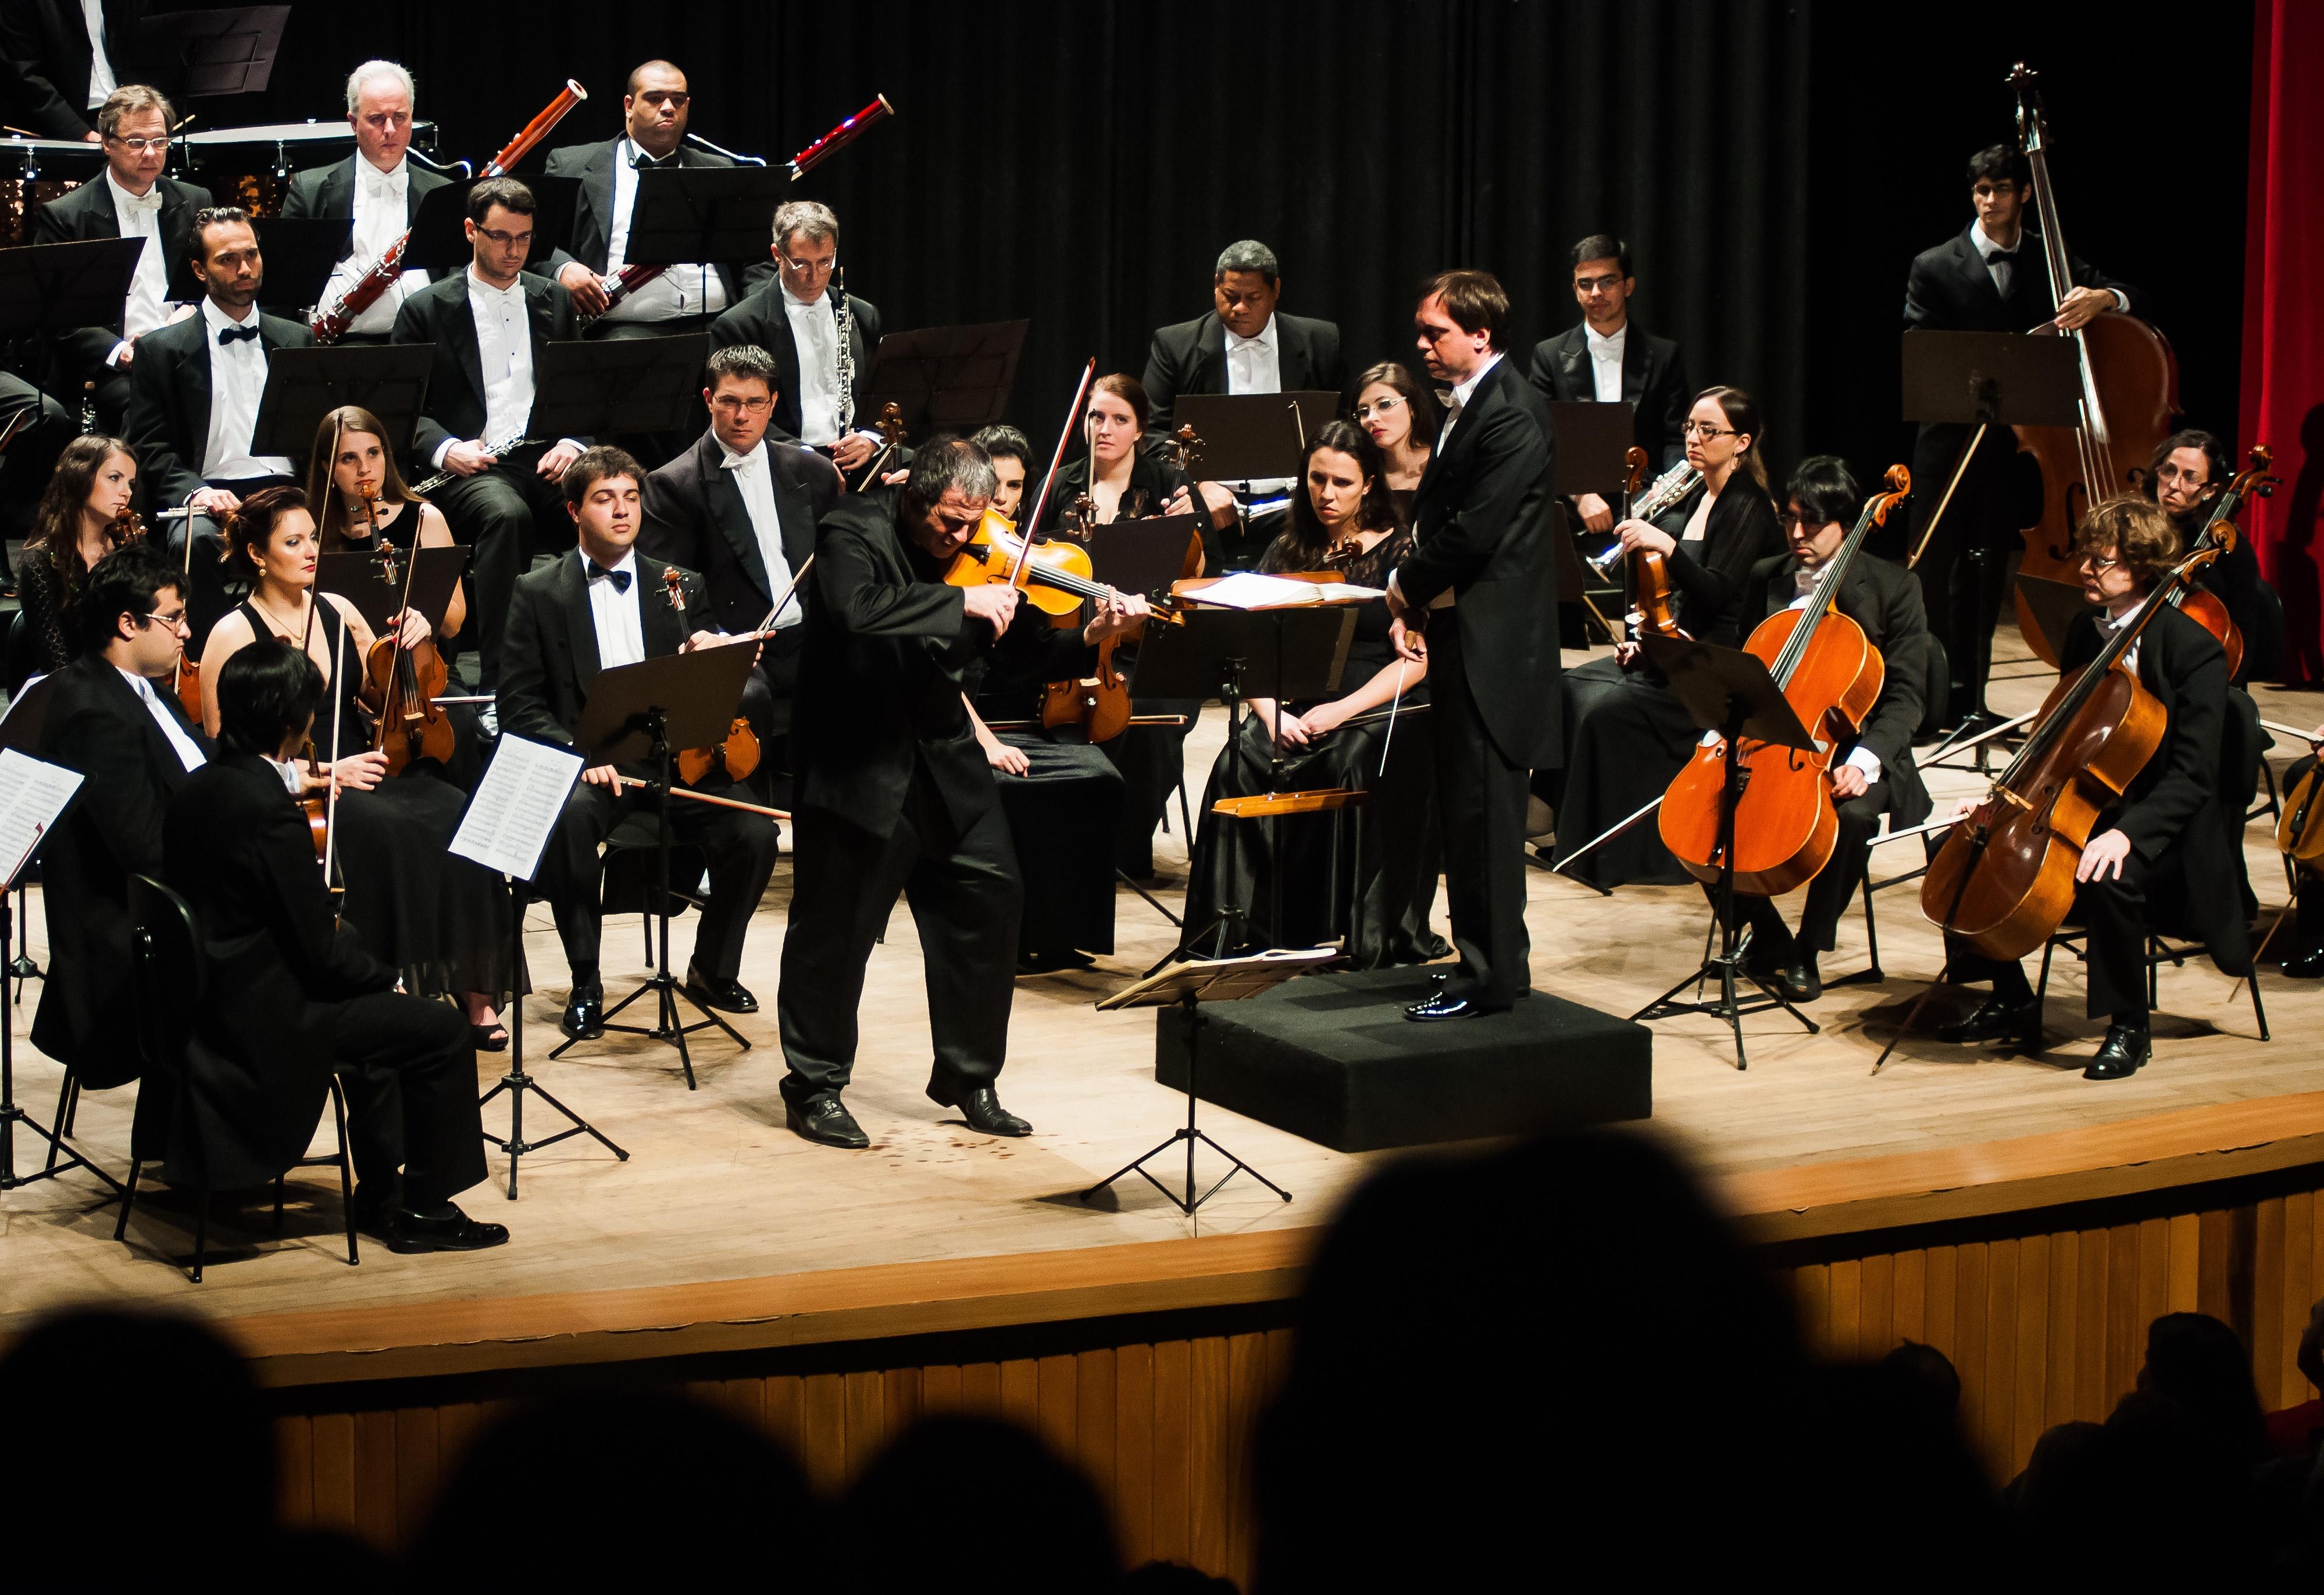 A orquestra mantém igual seu programa erudito - Maria Victória/Divulgação/ND